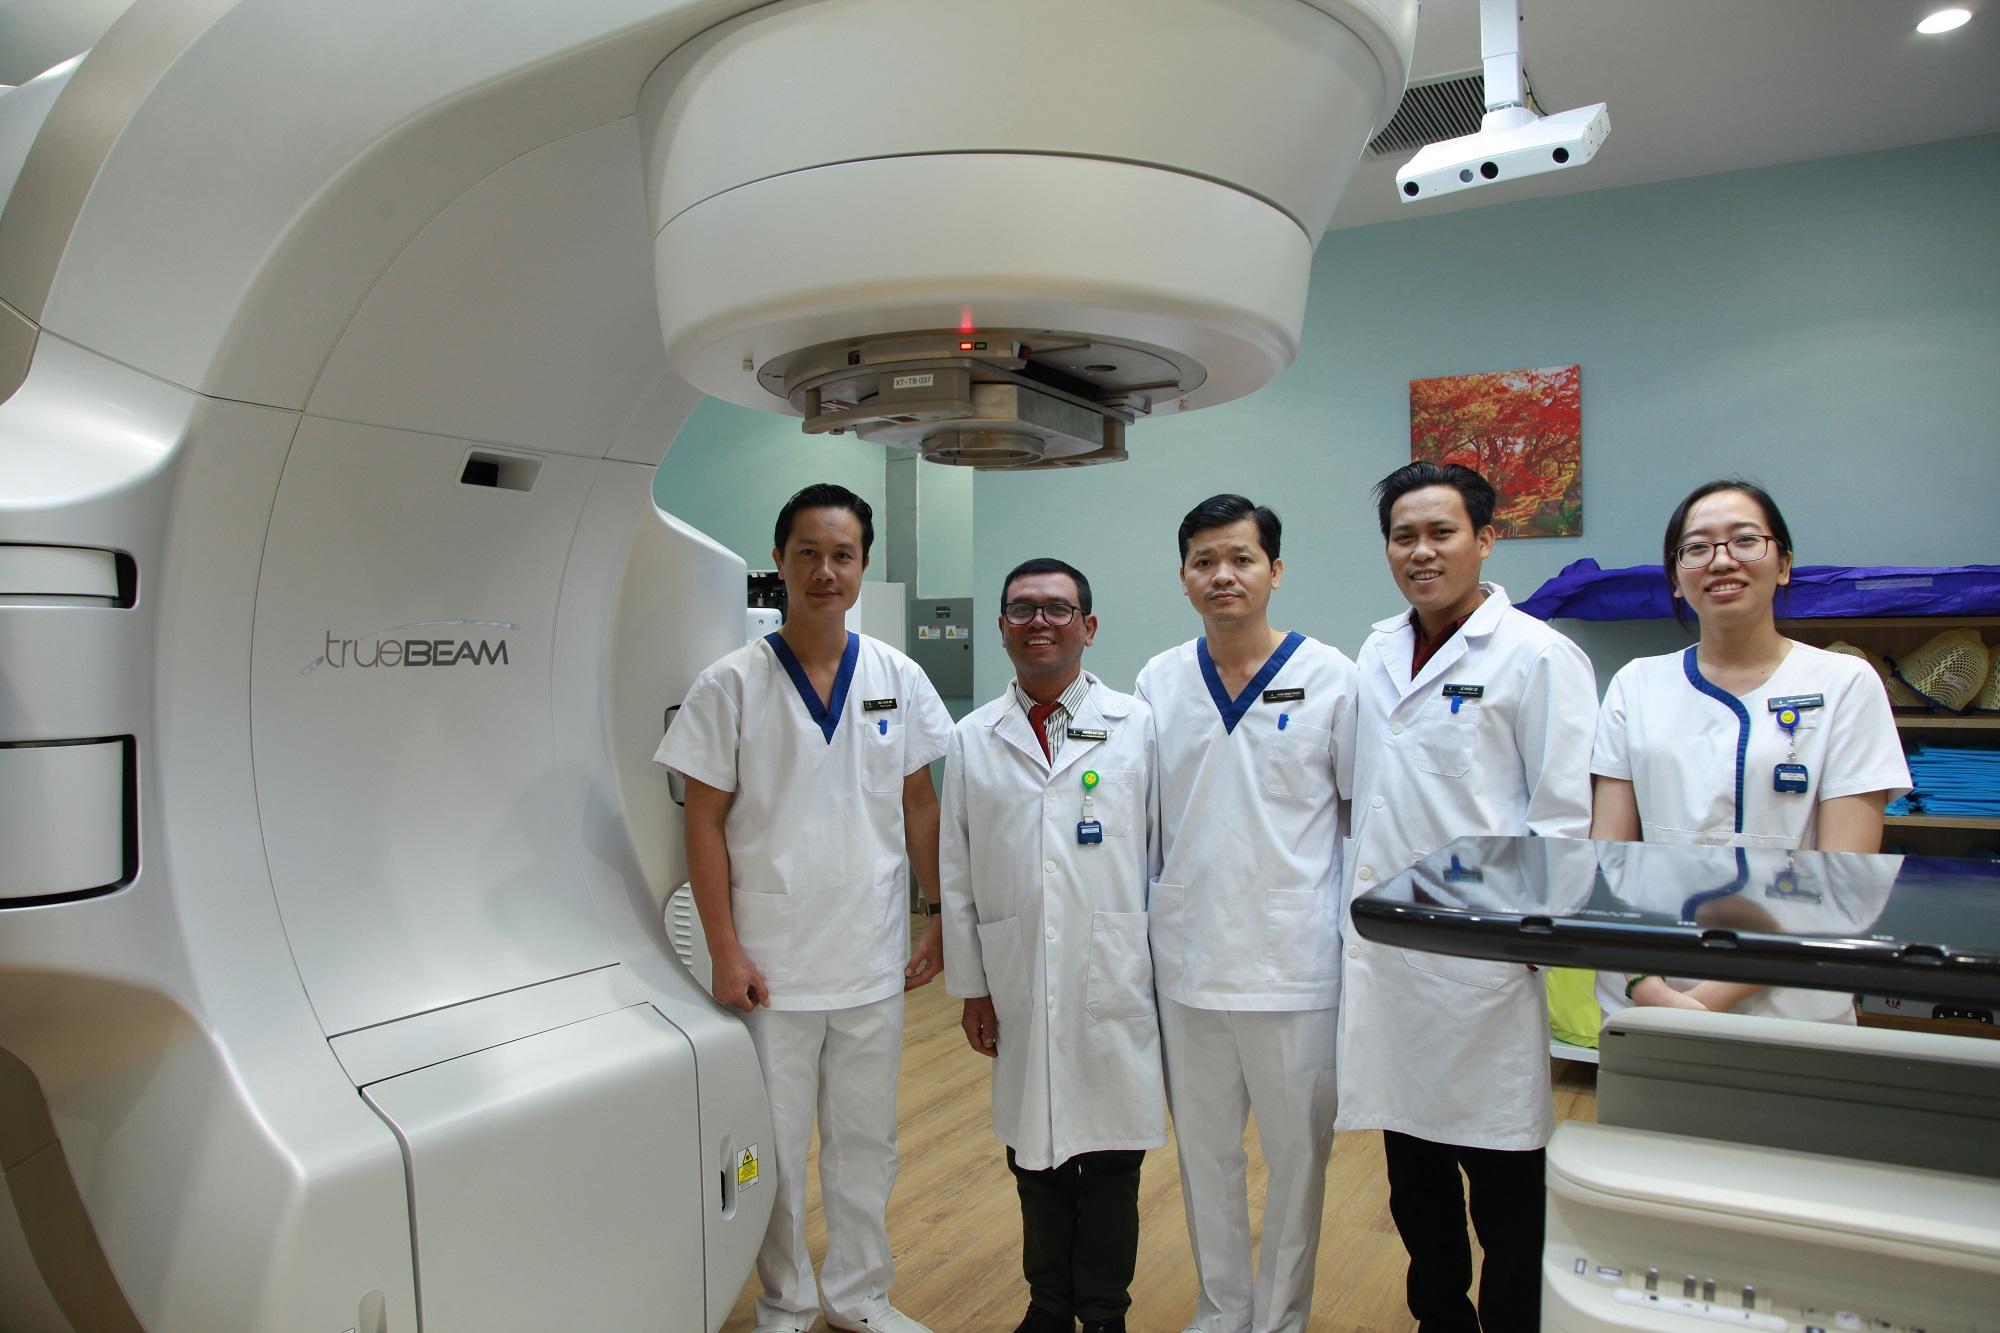 Vinmec và ICON Group hợp tác chiến lược điều trị ung thư theo tiêu chuẩn quốc tế  - Ảnh 3